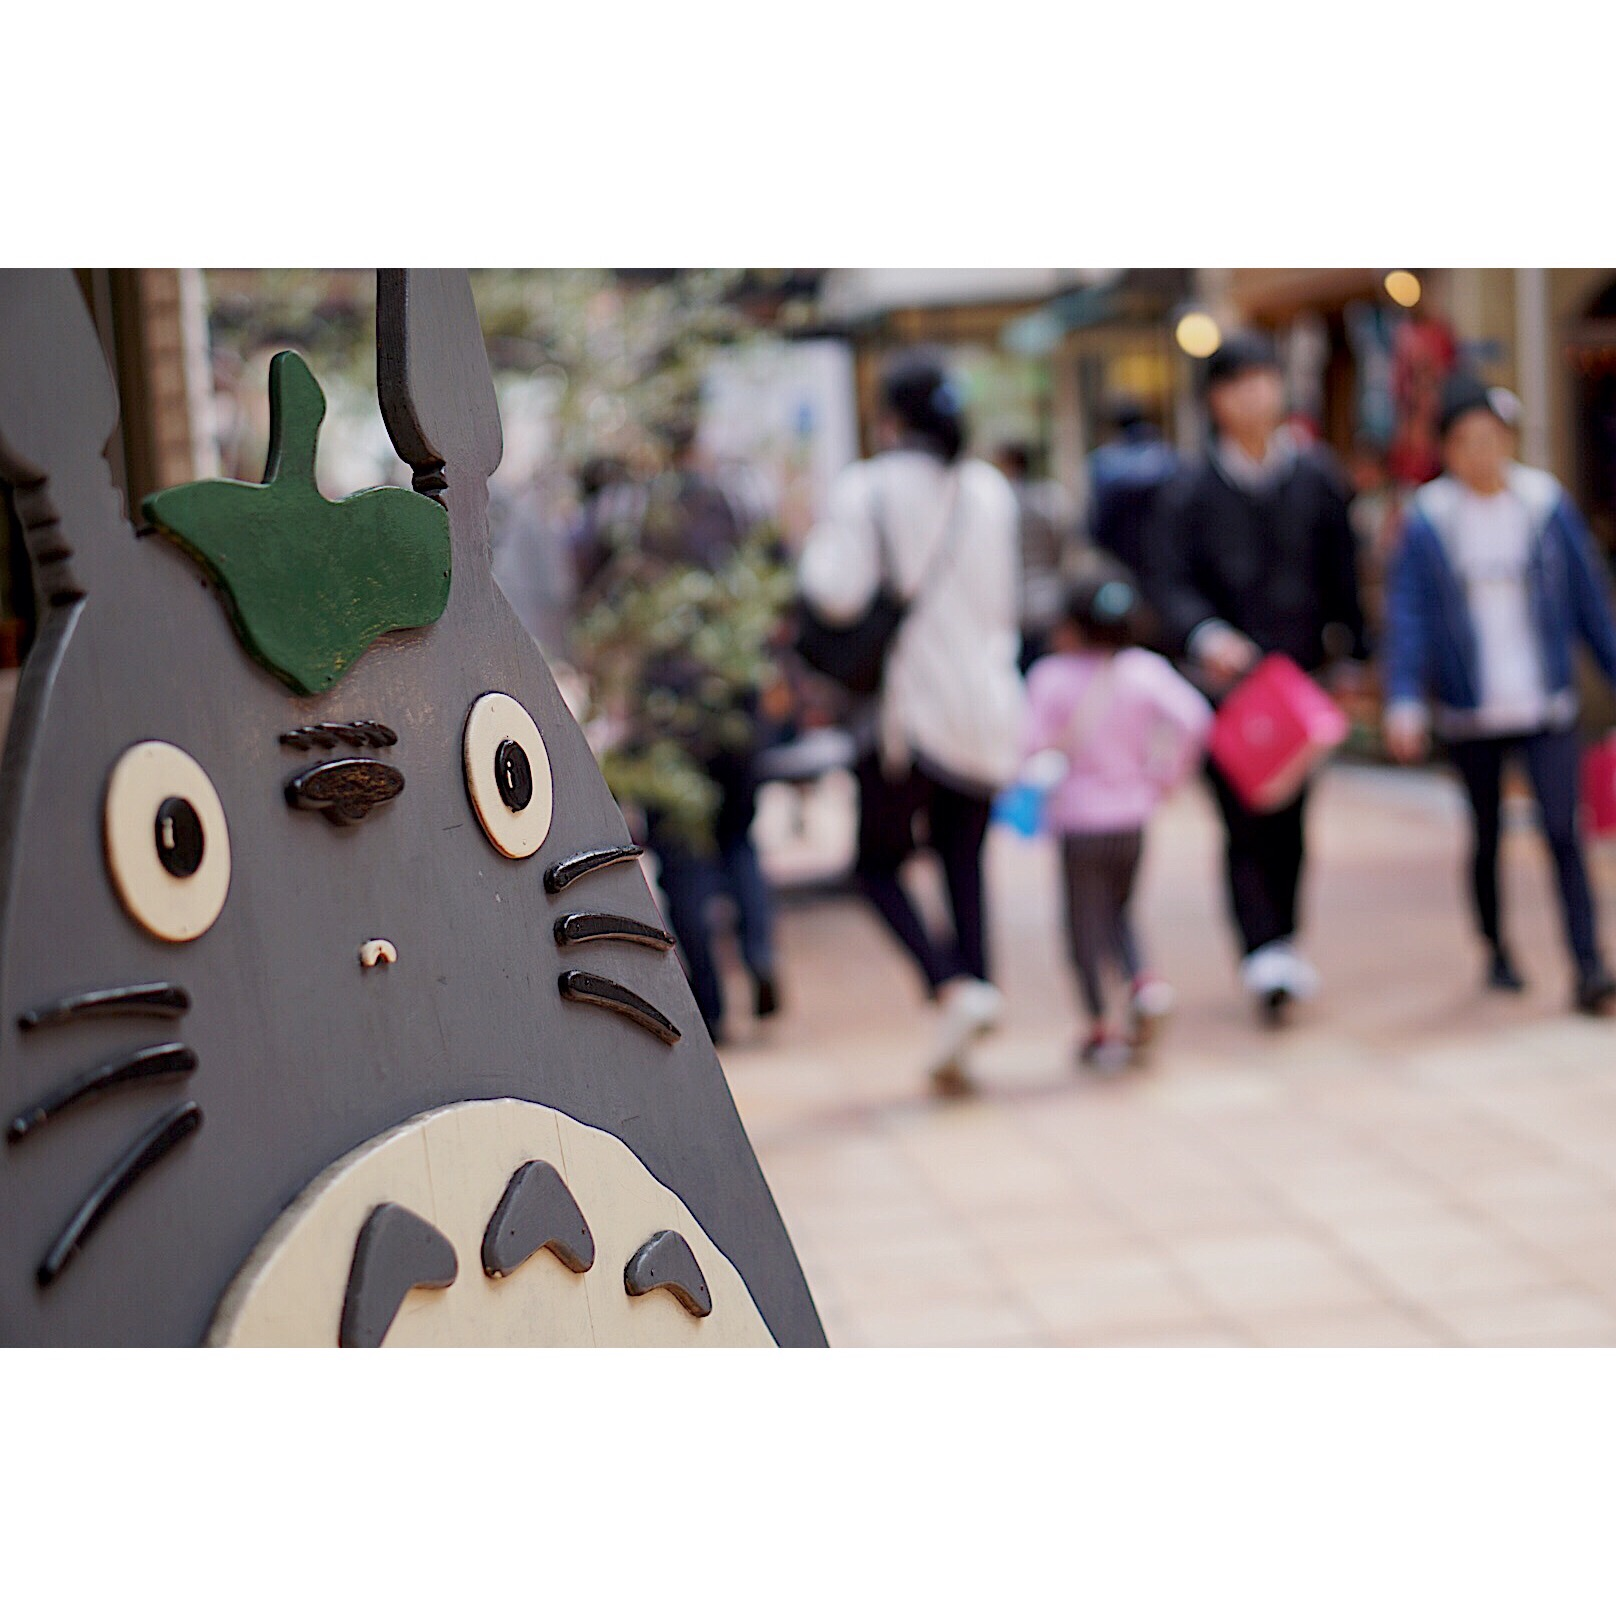 f:id:Yosuke0912:20180416153559j:image